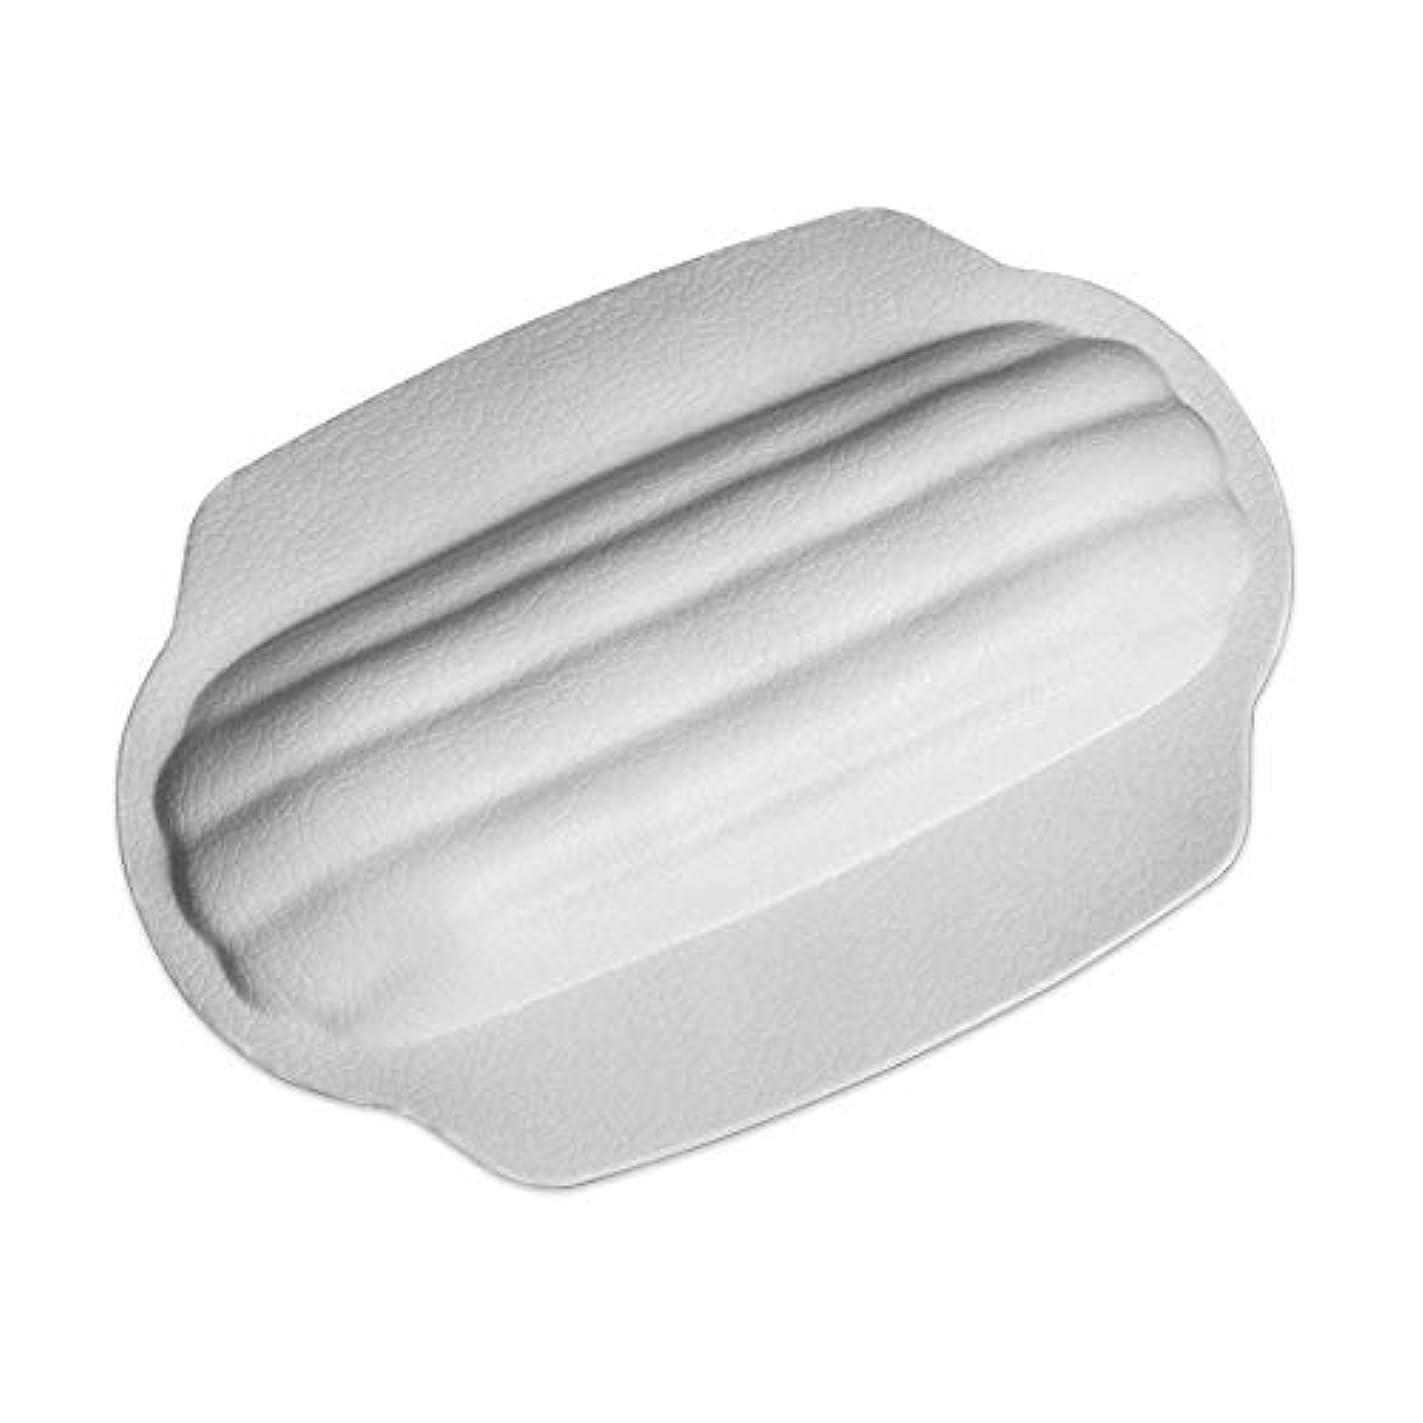 水っぽい黙舌なサクションカップ付き防水滑り止めスパ枕厚めユニバーサルバスタブ枕バスタブと抗菌性